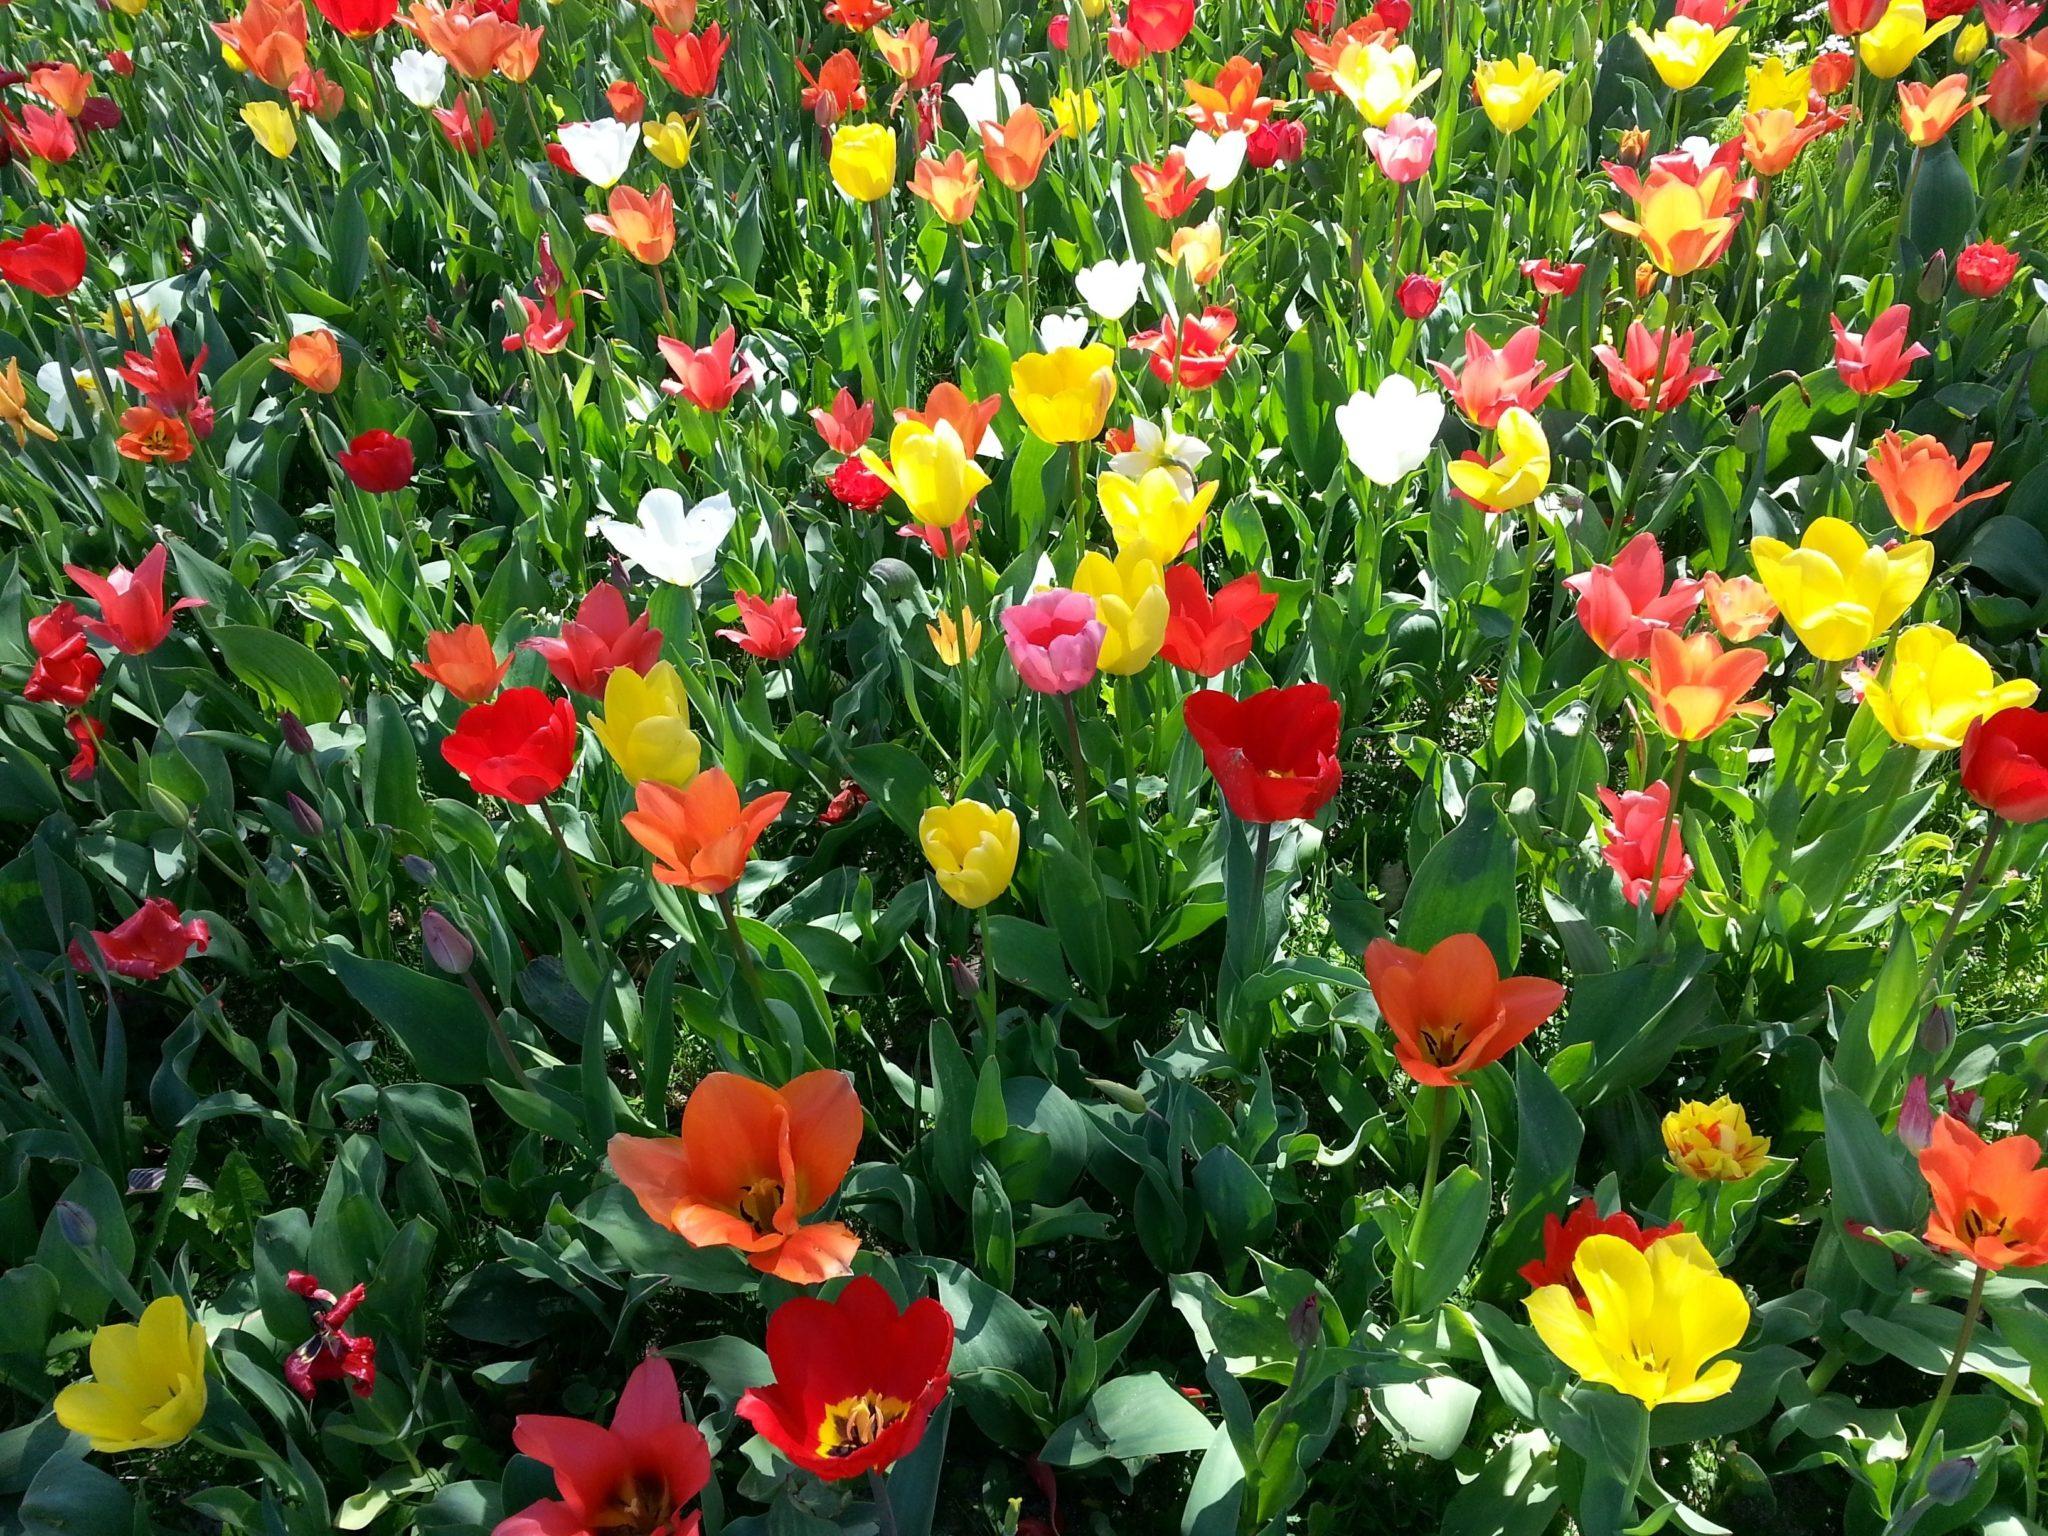 Image De Parterre De Fleurs images gratuites : fleur, printemps, coloré, parterre de